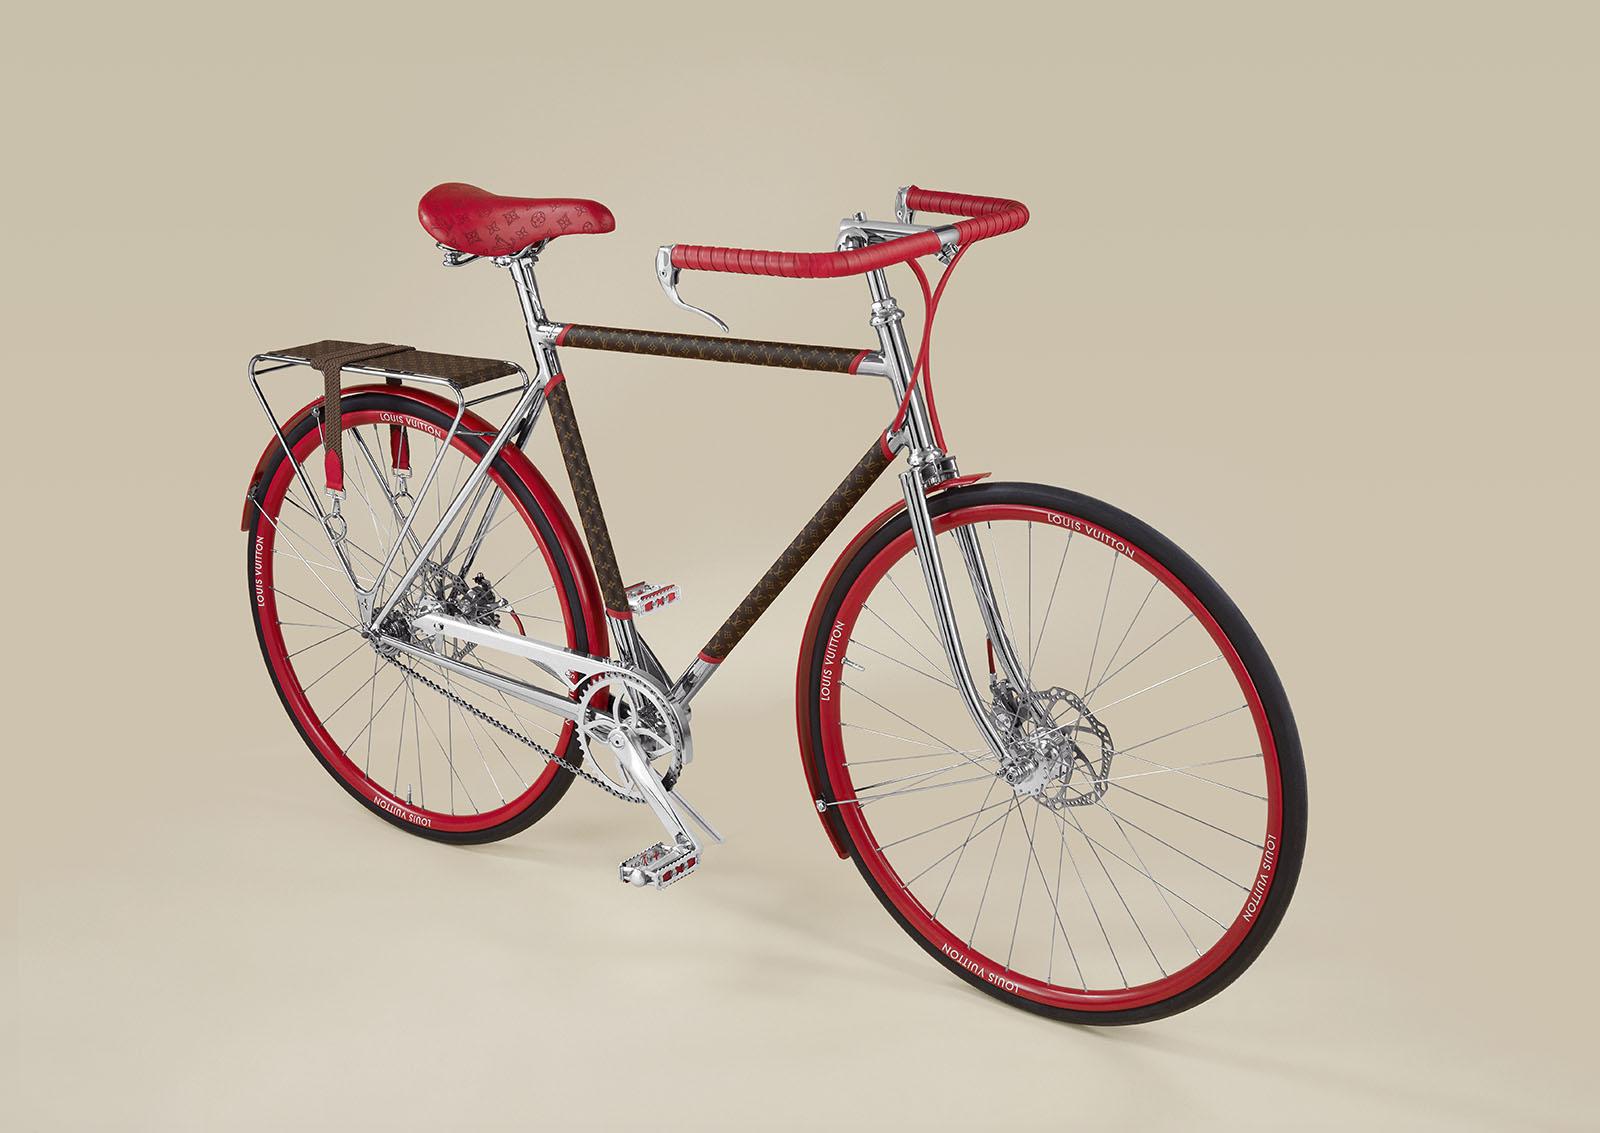 22 000 € : ce vélo Vuitton coûte aussi cher qu'une voiture !